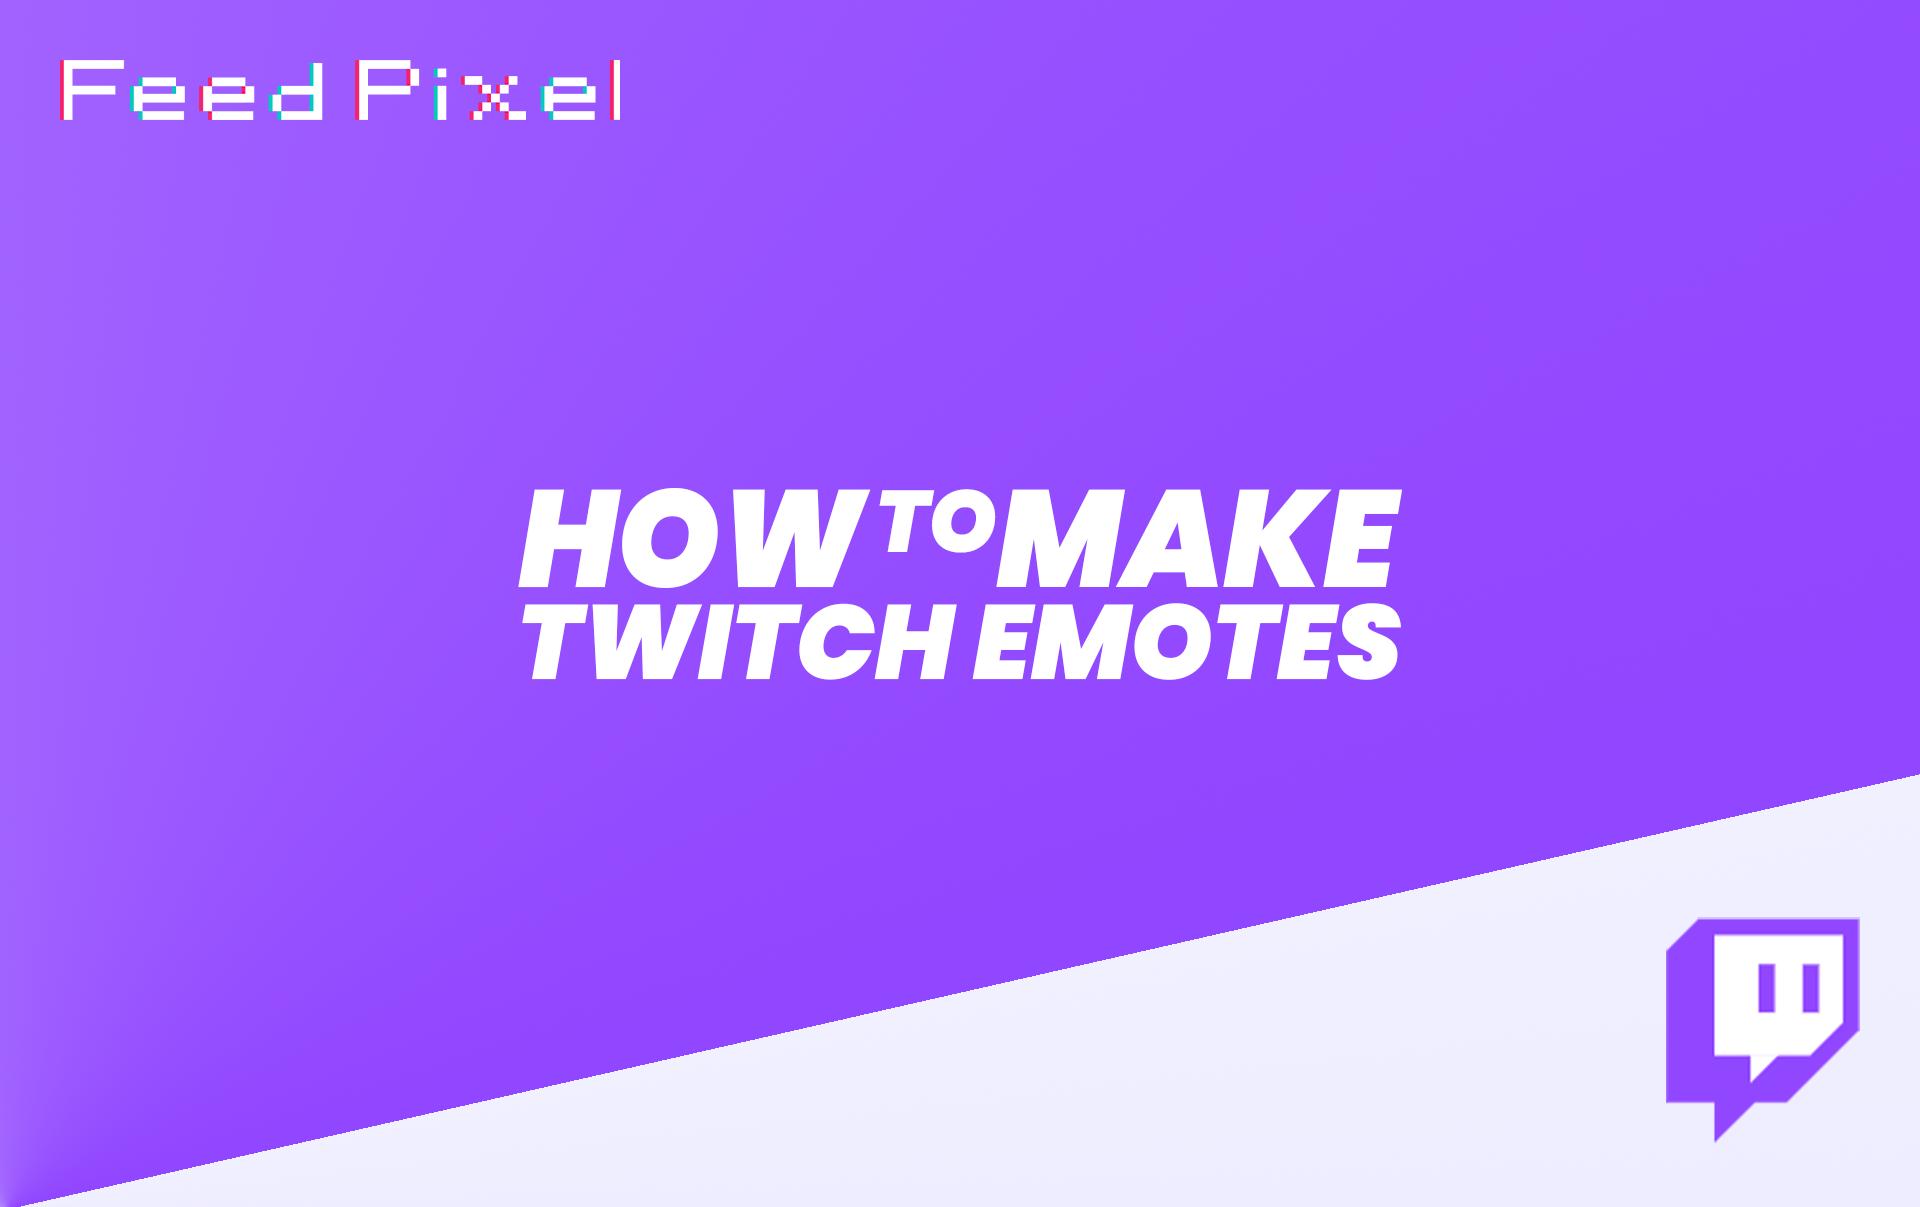 Wie man zuckende Emotes macht? Mit ein paar einfachen Schritten